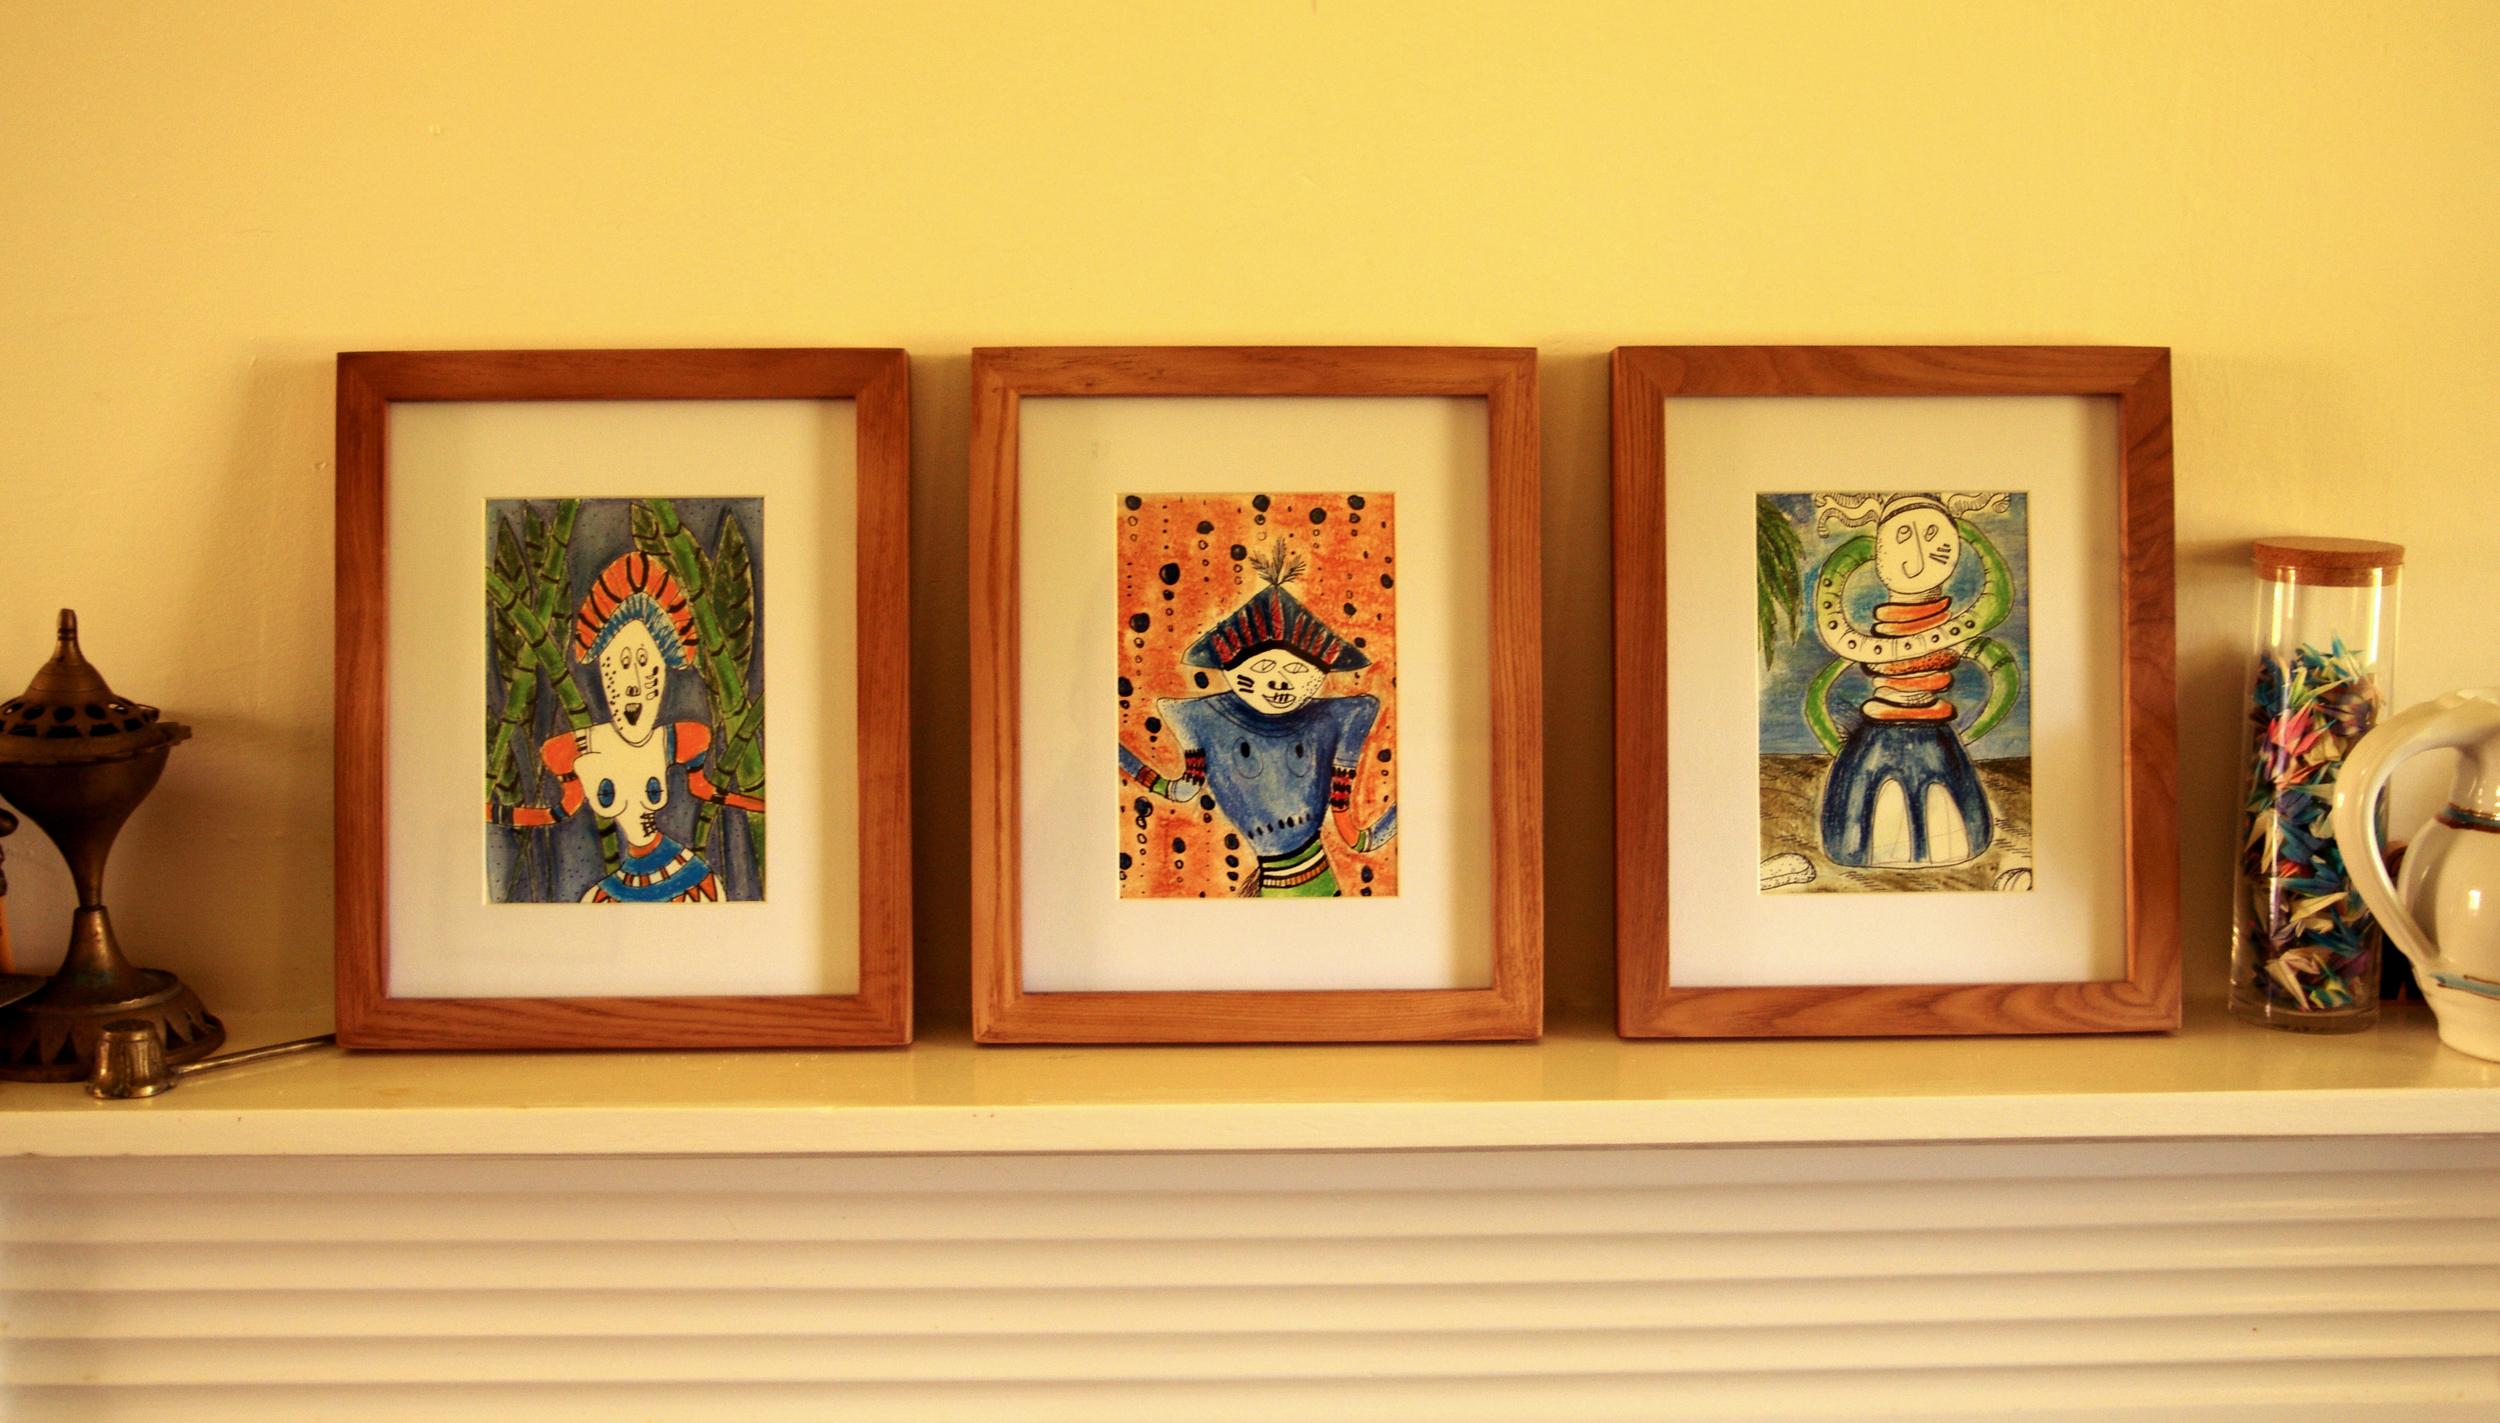 framing drawings